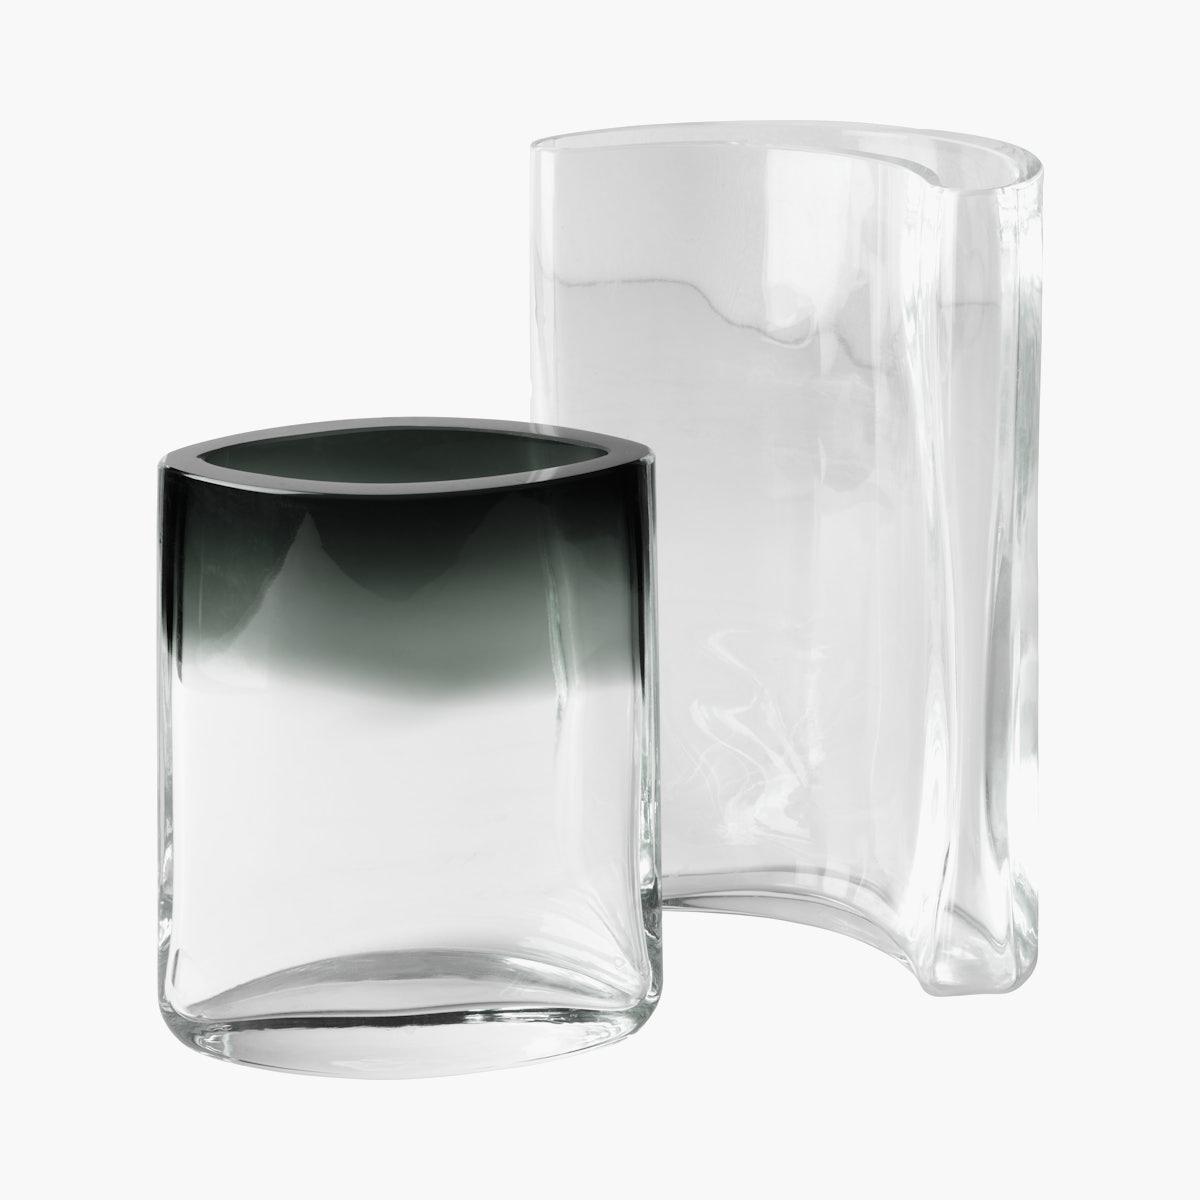 Moon Eye Vase Set